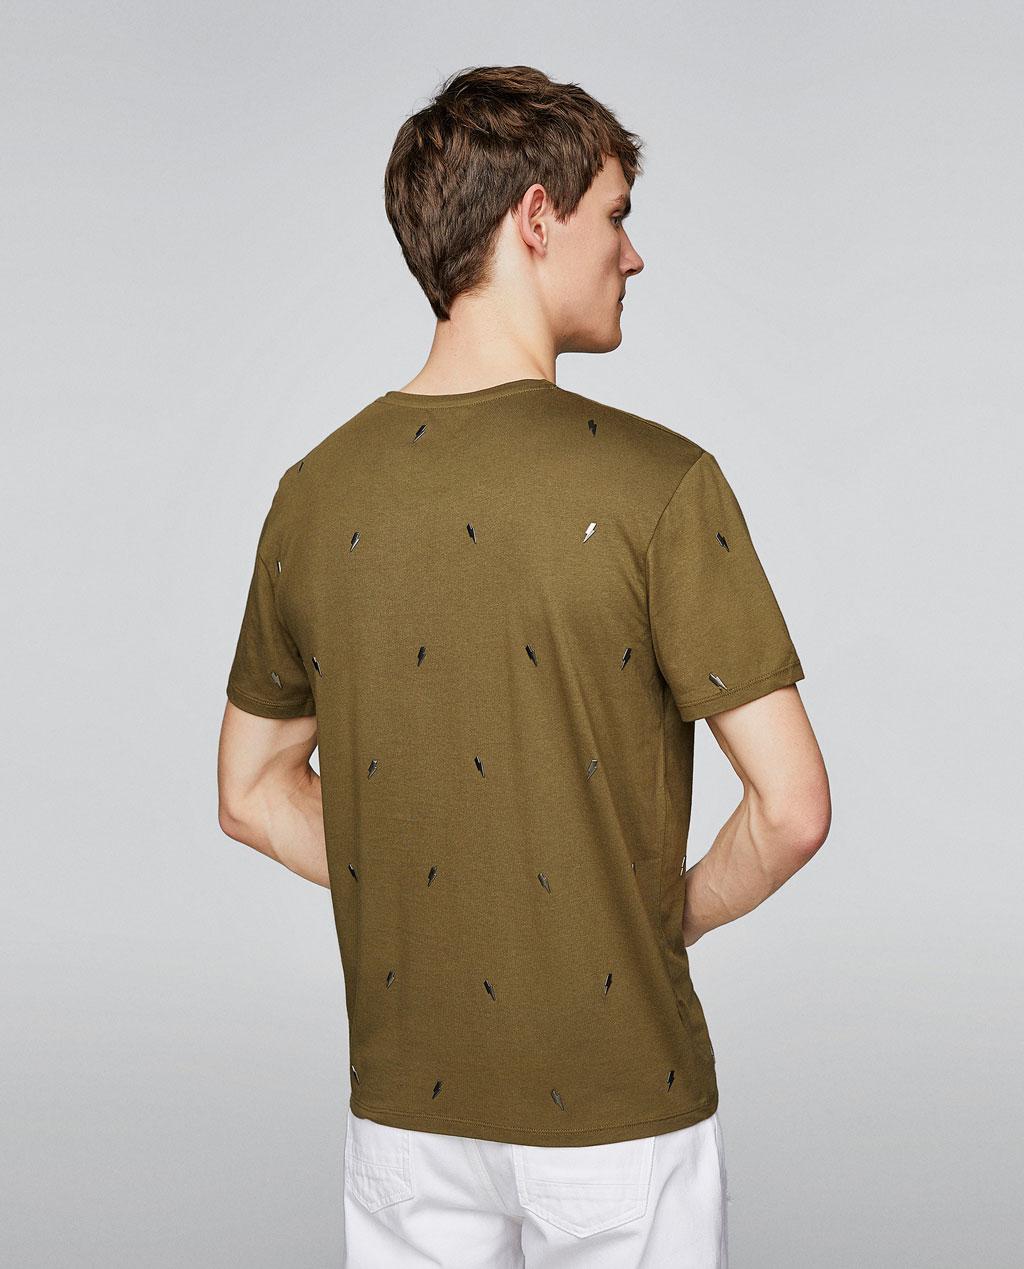 Thời trang nam Zara  23917 - ảnh 5